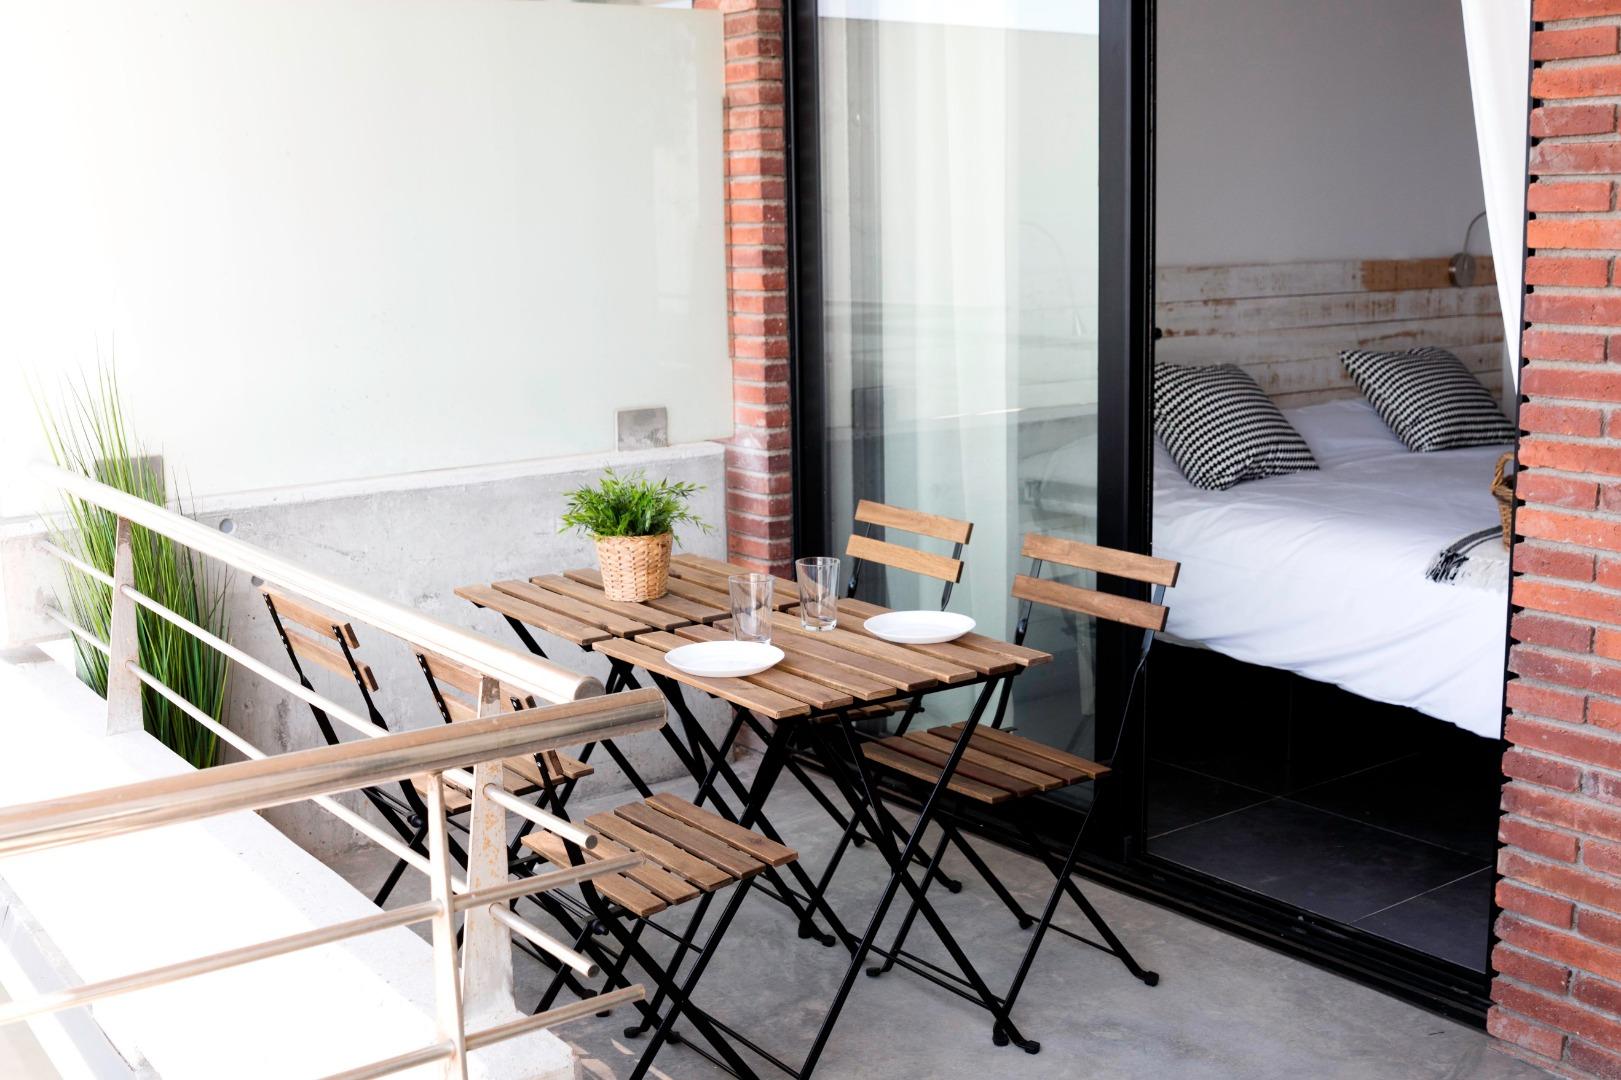 Location Appartement  Sant andreu de llavaneres, zona de - caldes d'estrac. Realizamos alquiler de temporada anual renovable apartamentos c